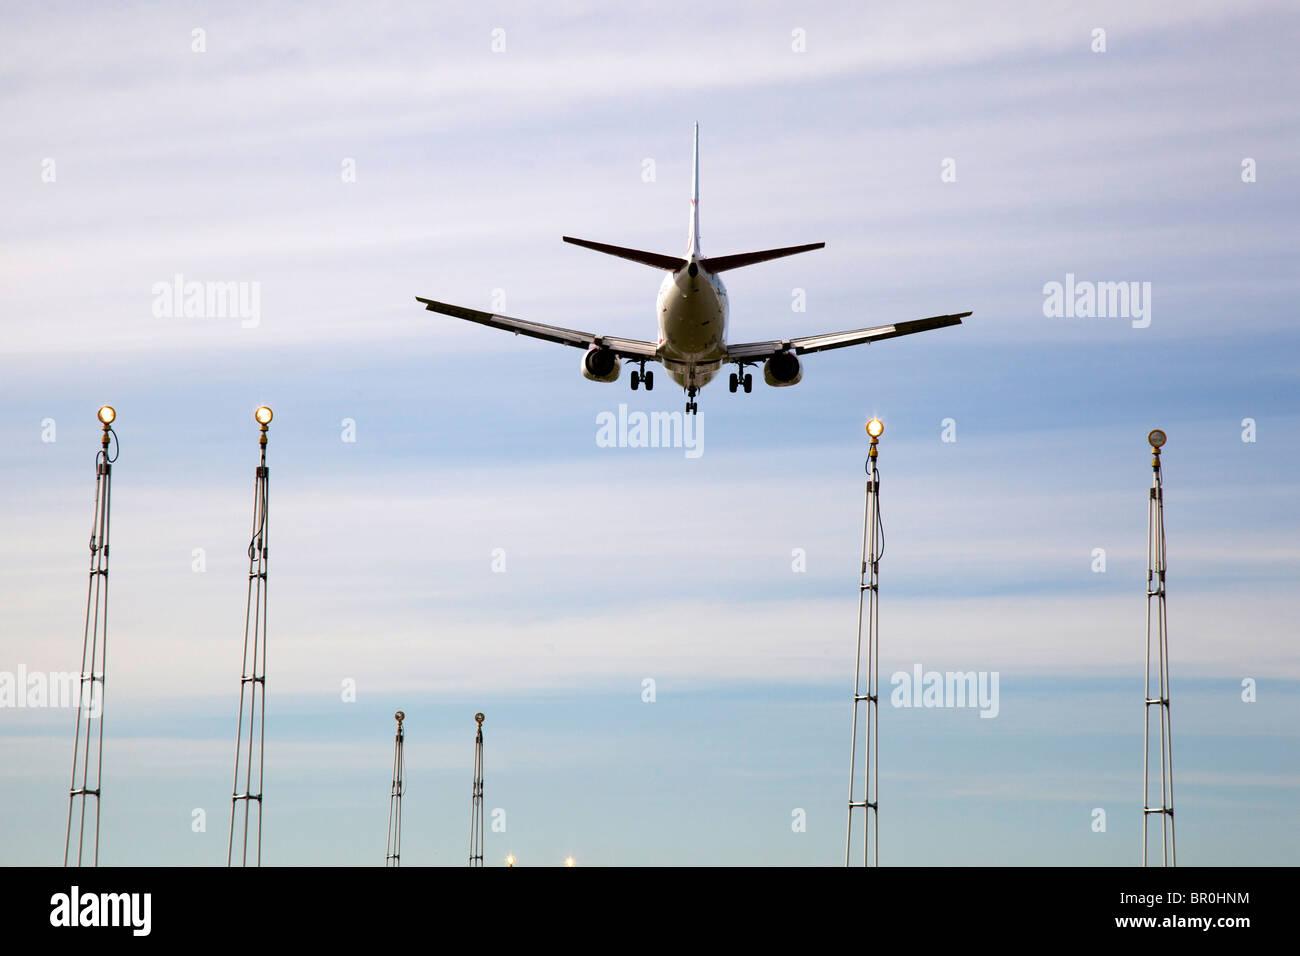 Boeing 737 avion de ligne à l'atterrissage à la fin de la piste à l'aéroport de Manchester. Photo Stock